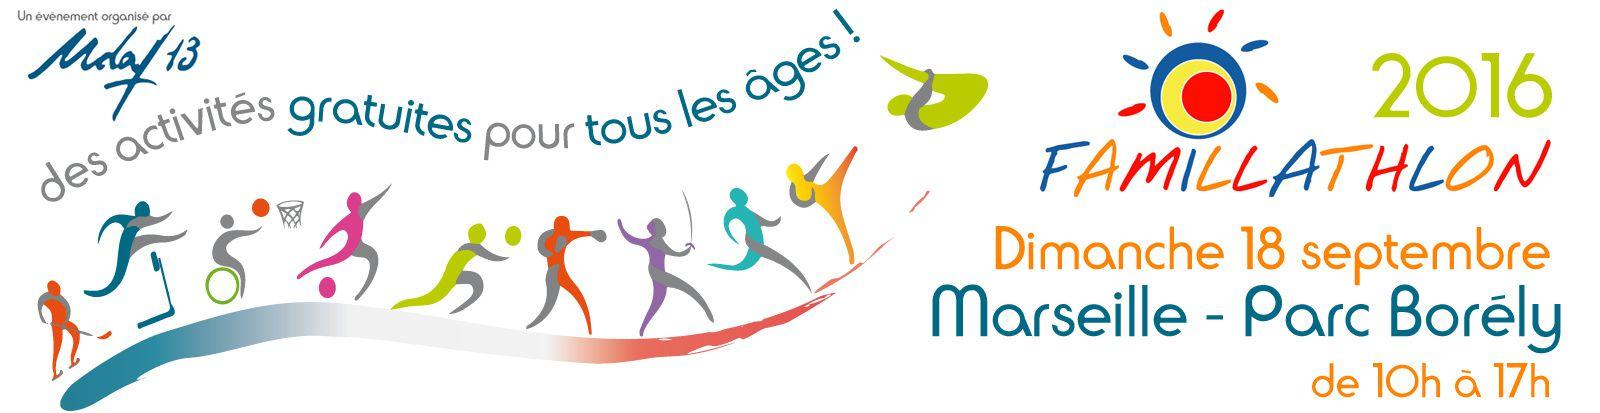 Famillathlon 2016 ! Dimanche 18 septembre 2016 - de 10h à 17h Parc Borély - Marseille